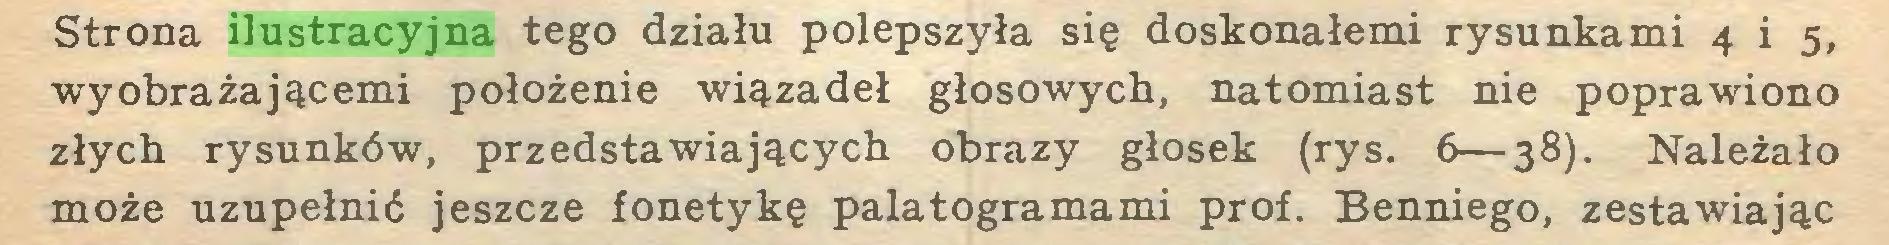 (...) Strona ilustracyjna tego działu polepszyła się doskonałemi rysunkami 4 i 5, wyobrażającemi położenie wiązadeł głosowych, natomiast nie poprawiono złych rysunków, przedstawiających obrazy głosek (rys. 6—38). Należało może uzupełnić jeszcze fonetykę palatogramami prof. Benniego, zestawiając...